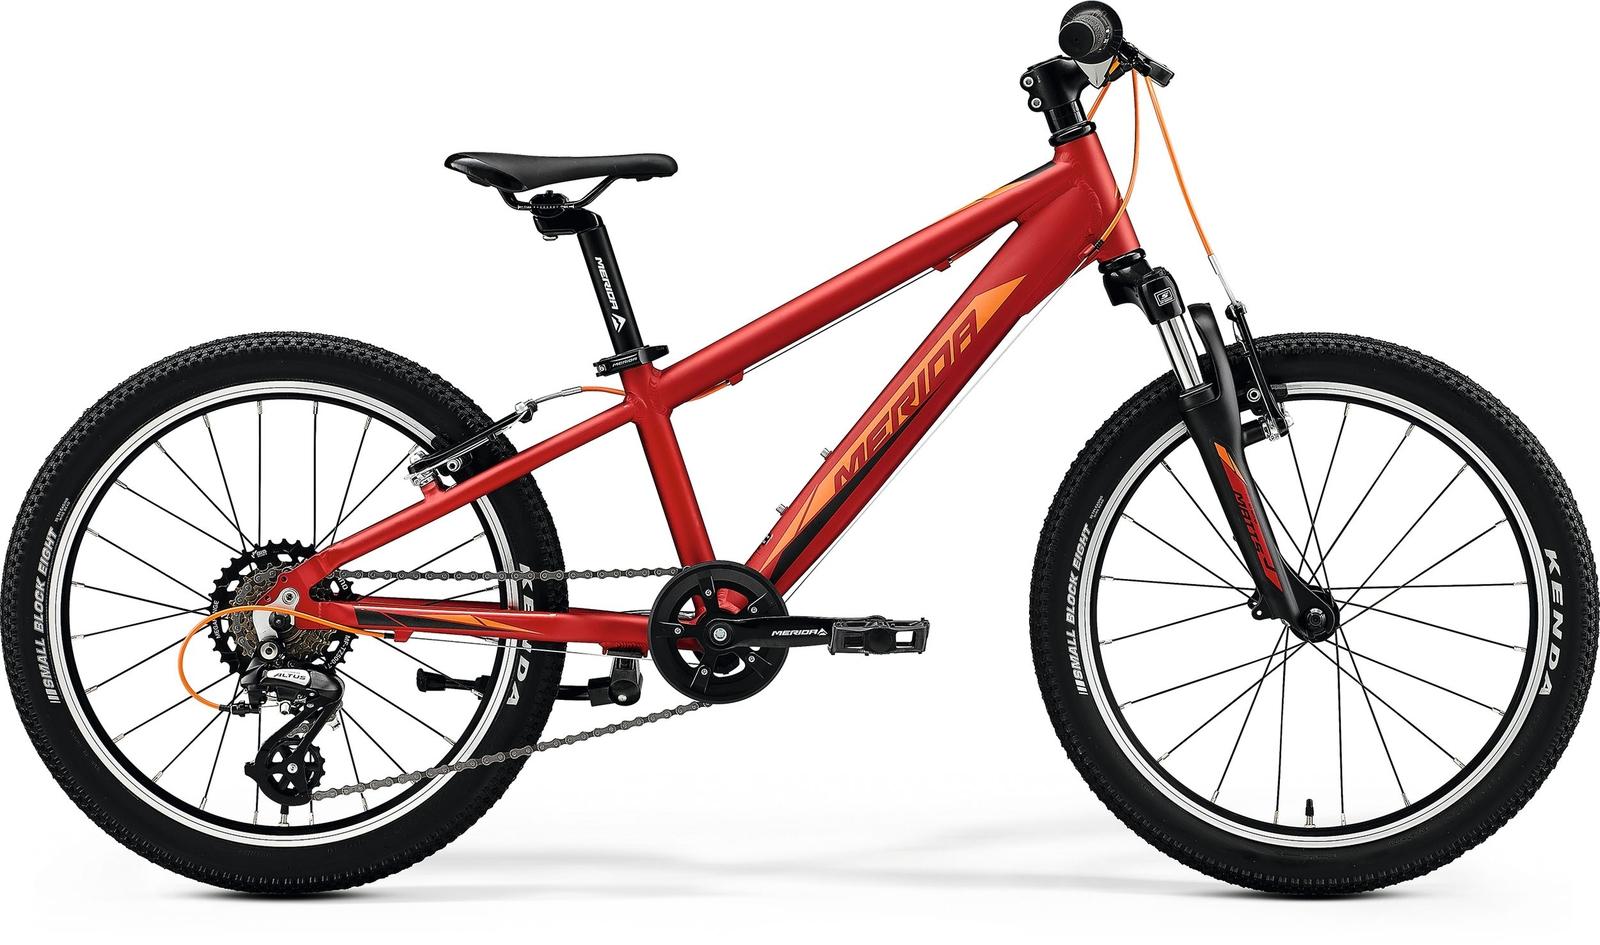 Bicicleta cu suspensie copii Merida Matts J.20 Rosu/Portocaliu 2020 imagine